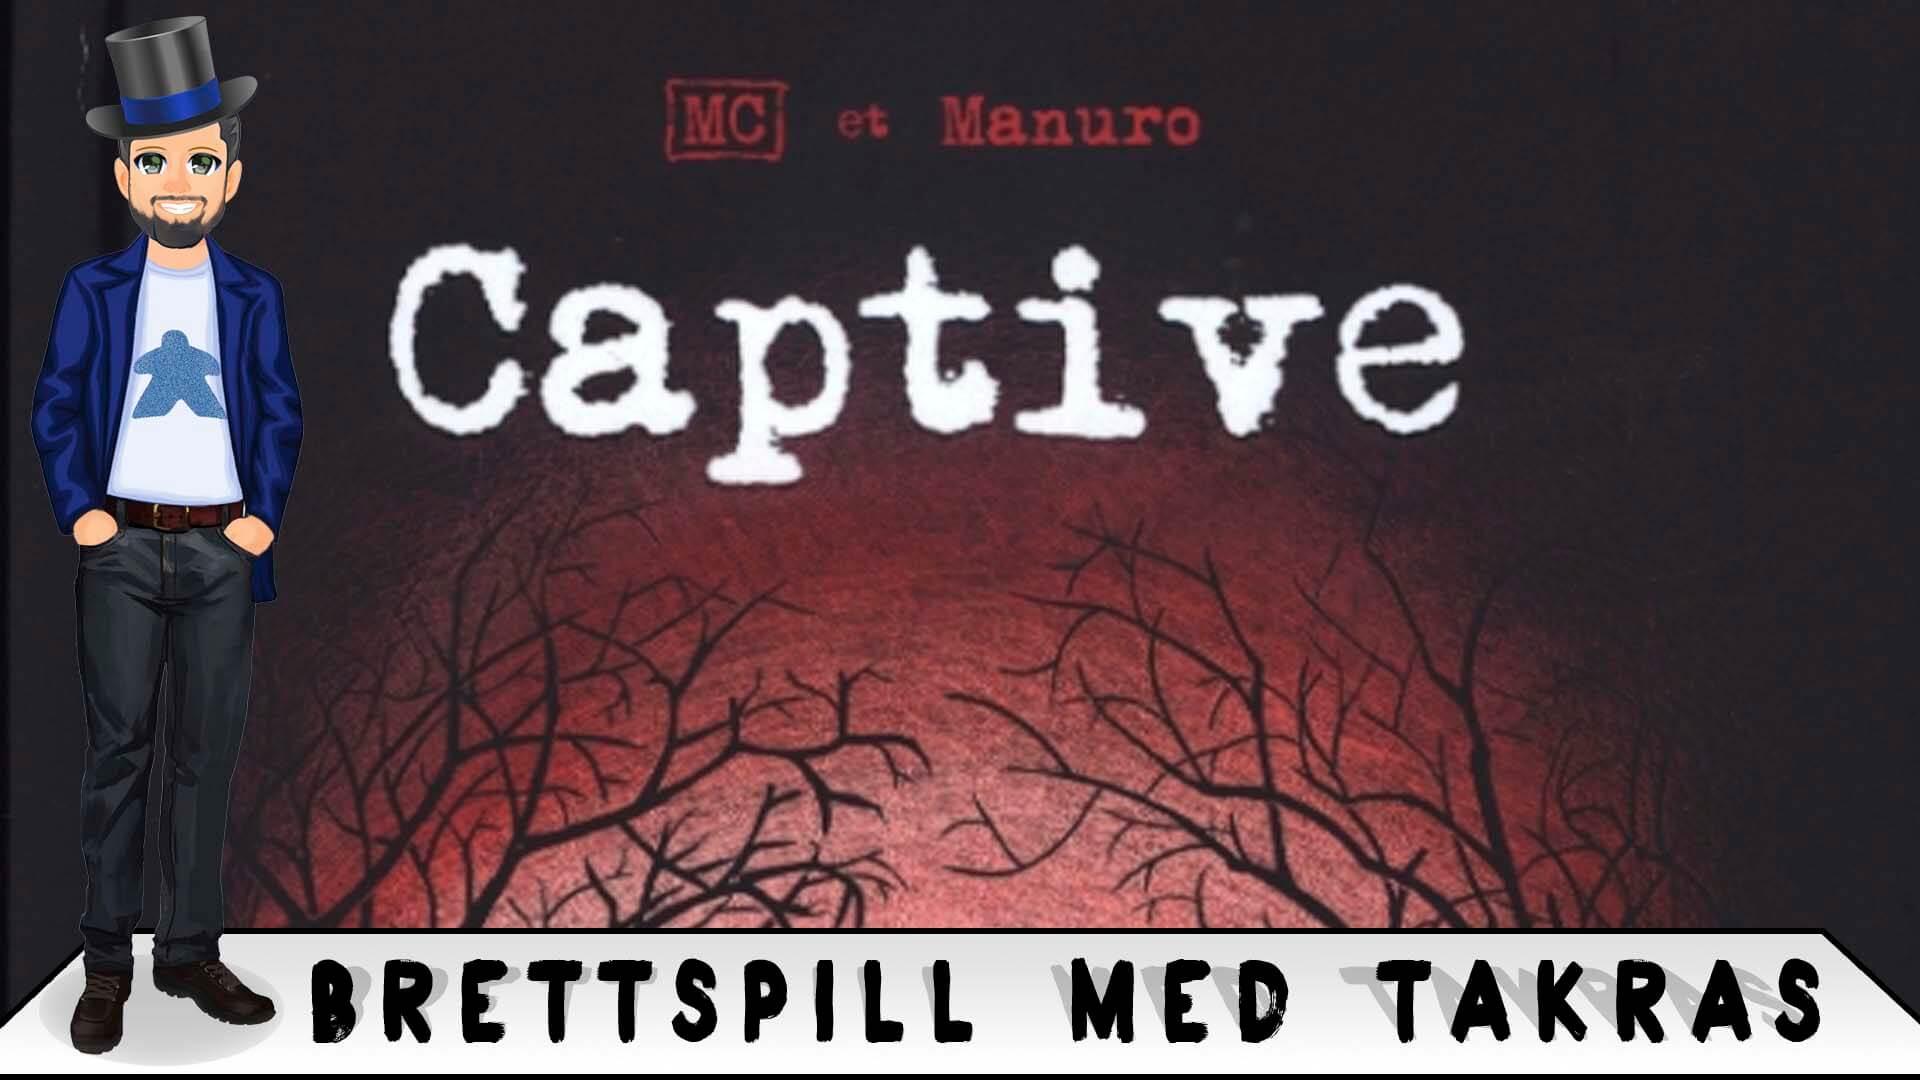 Brettspill med Takras: Captive